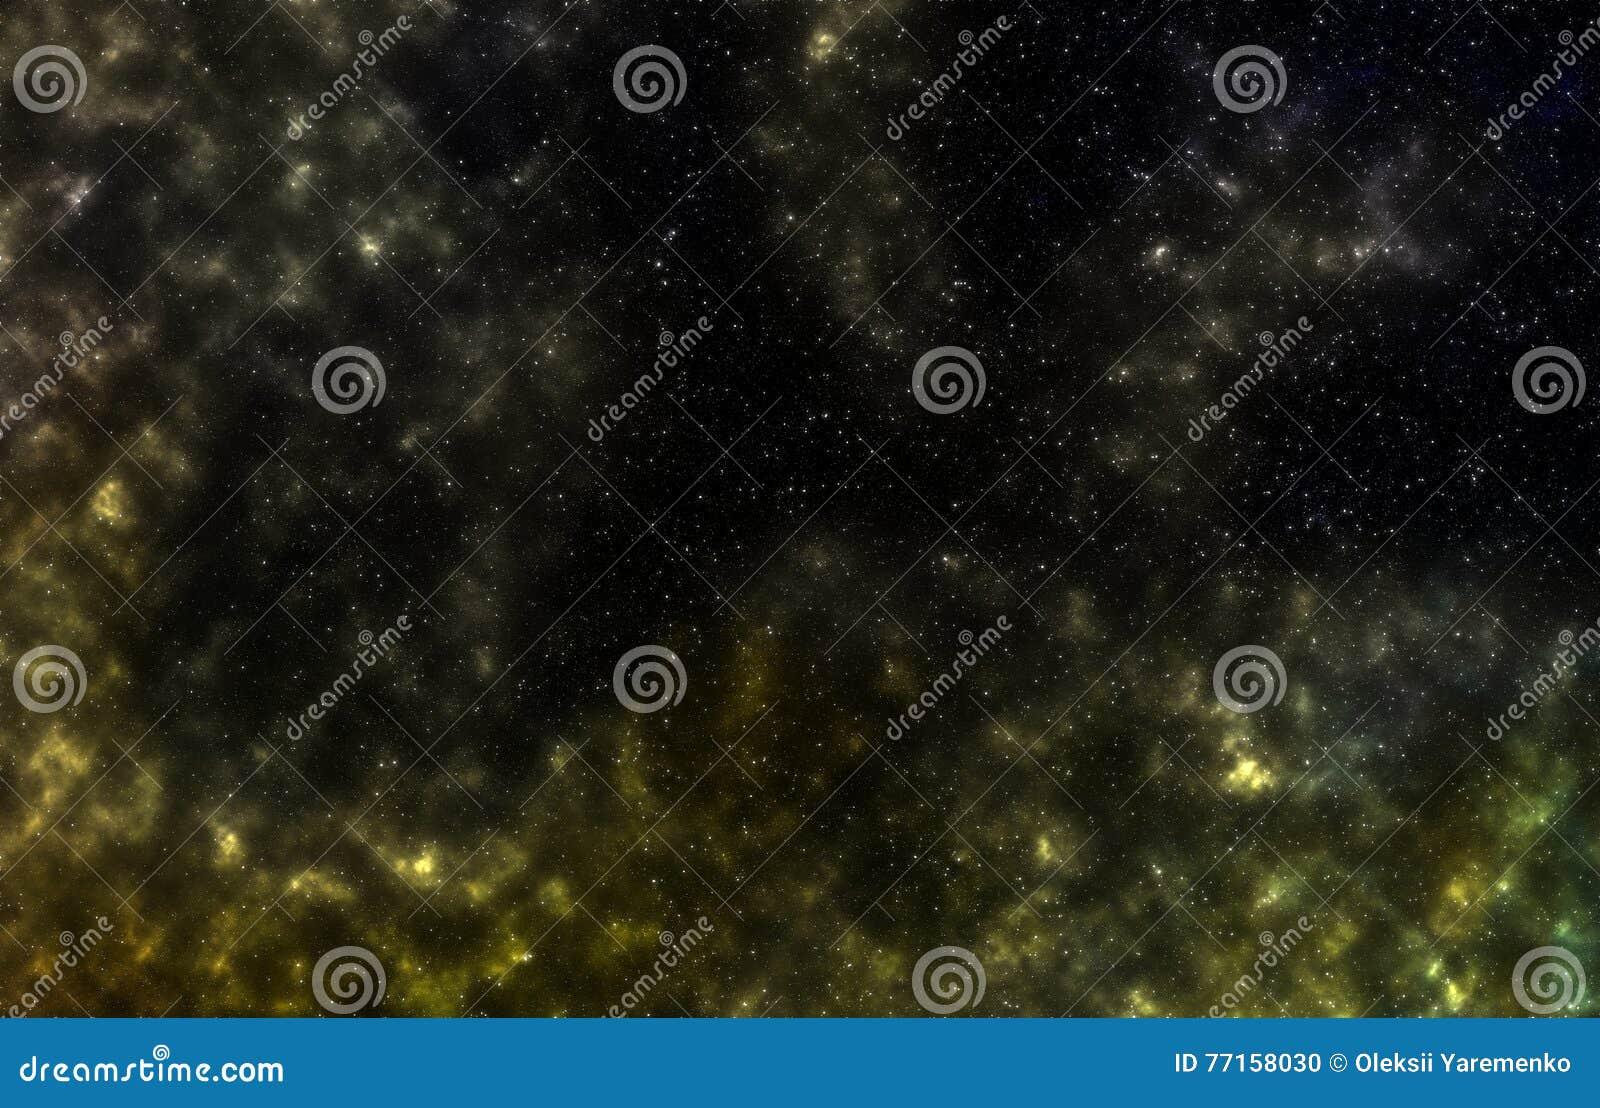 Gisement d étoile dans l espace lointain beaucoup d années lumière loin de la terre